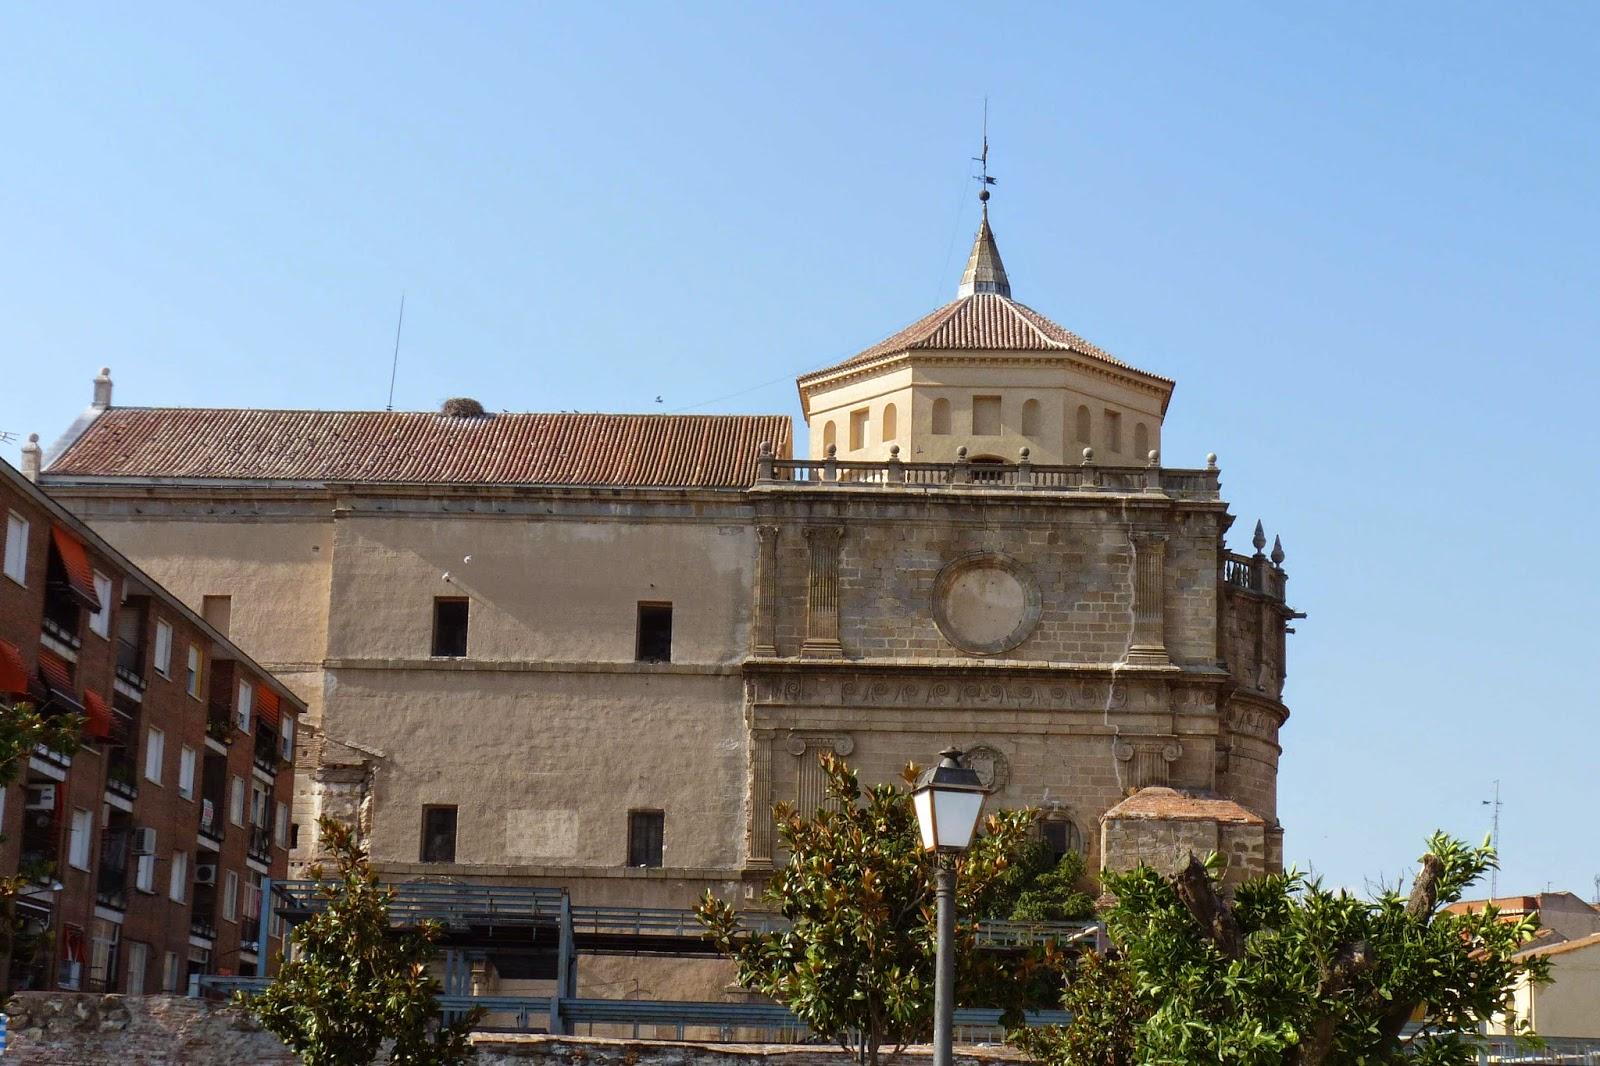 Convento de San jerónimo o San Prudencio.